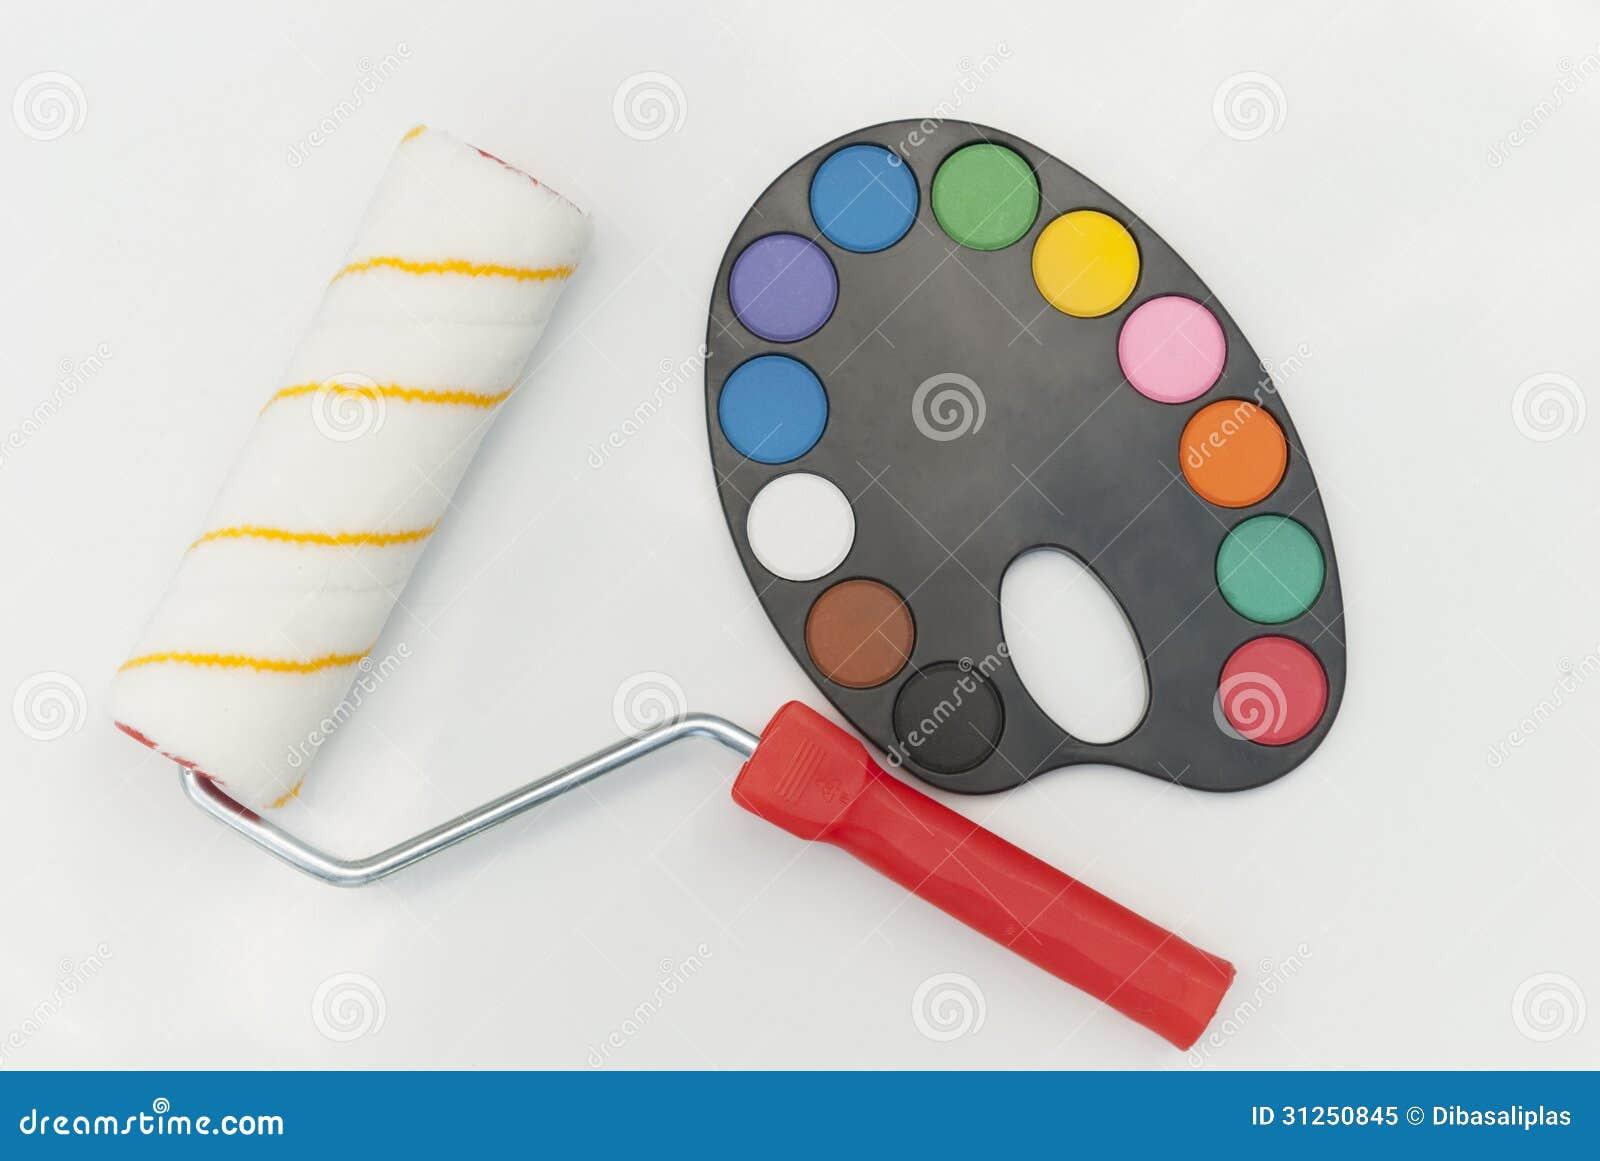 Rouleau pour peindre et palette avec des peintures d 39 aquarelle photo libre de droits image for Peindre des palettes